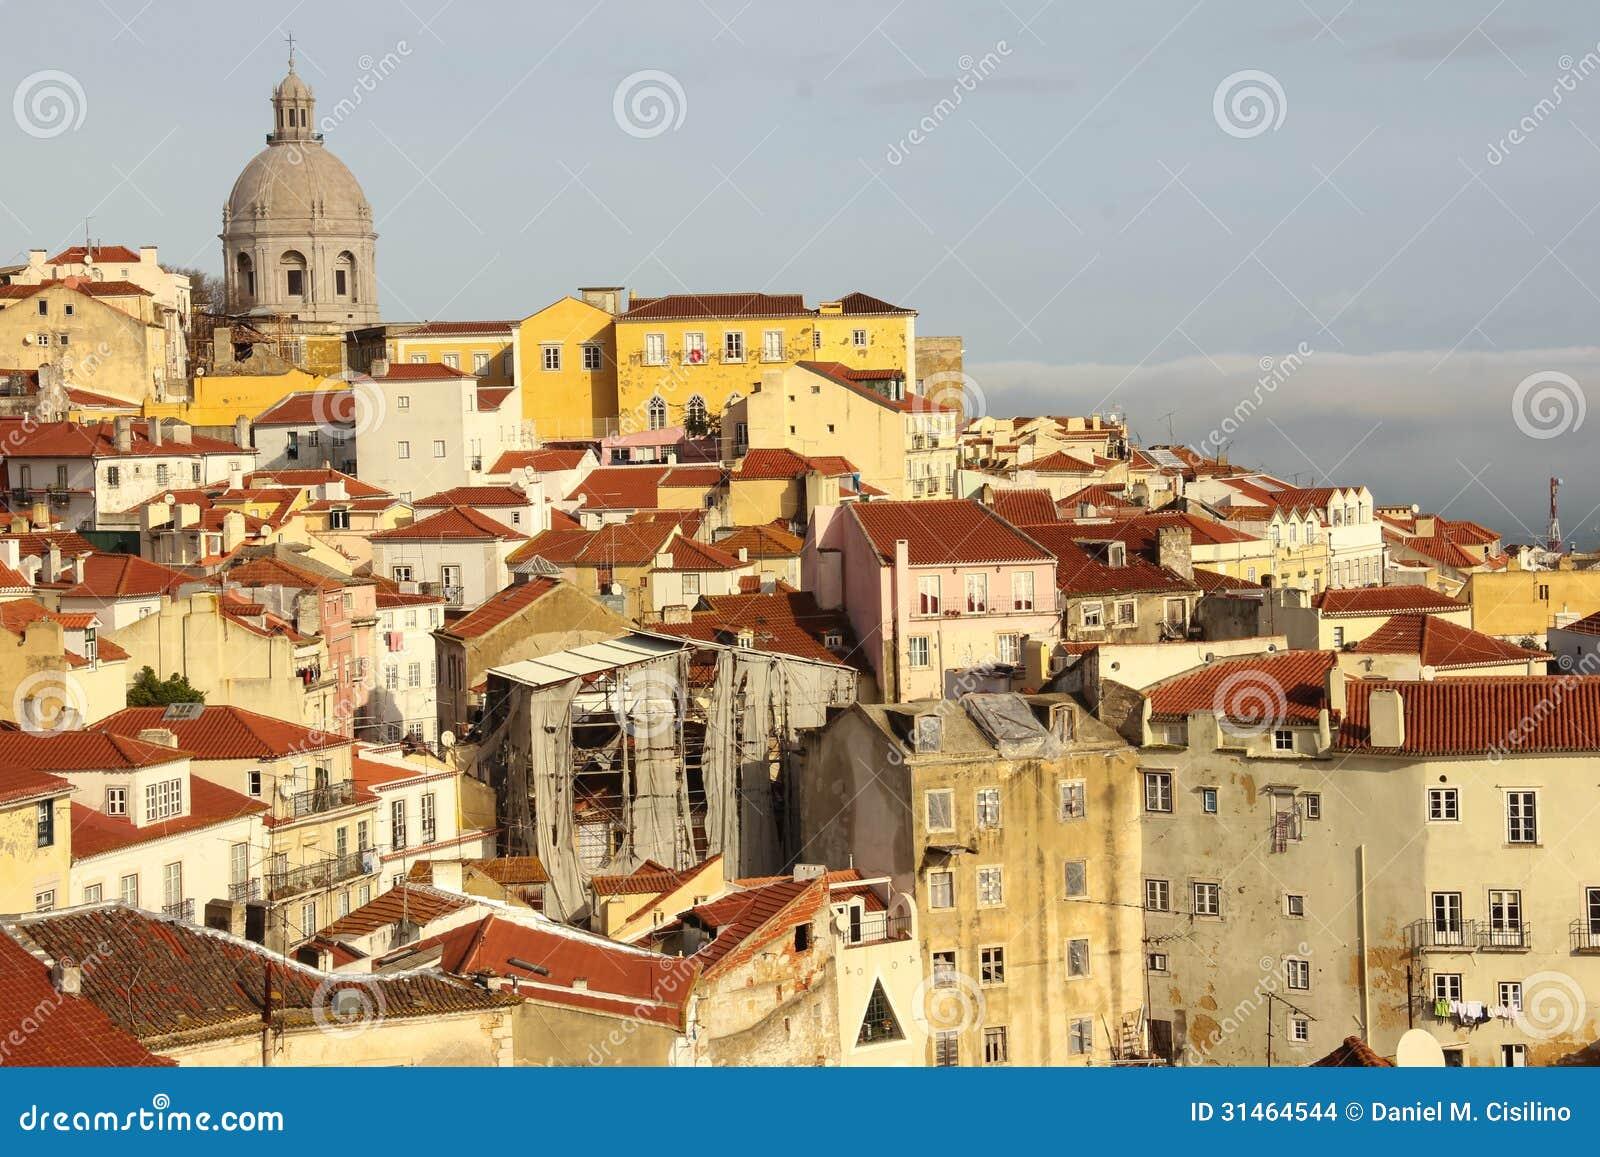 Mit Ziegeln gedeckte Dächer. Ansicht über Alfama-Viertel. Lissabon. Portugal